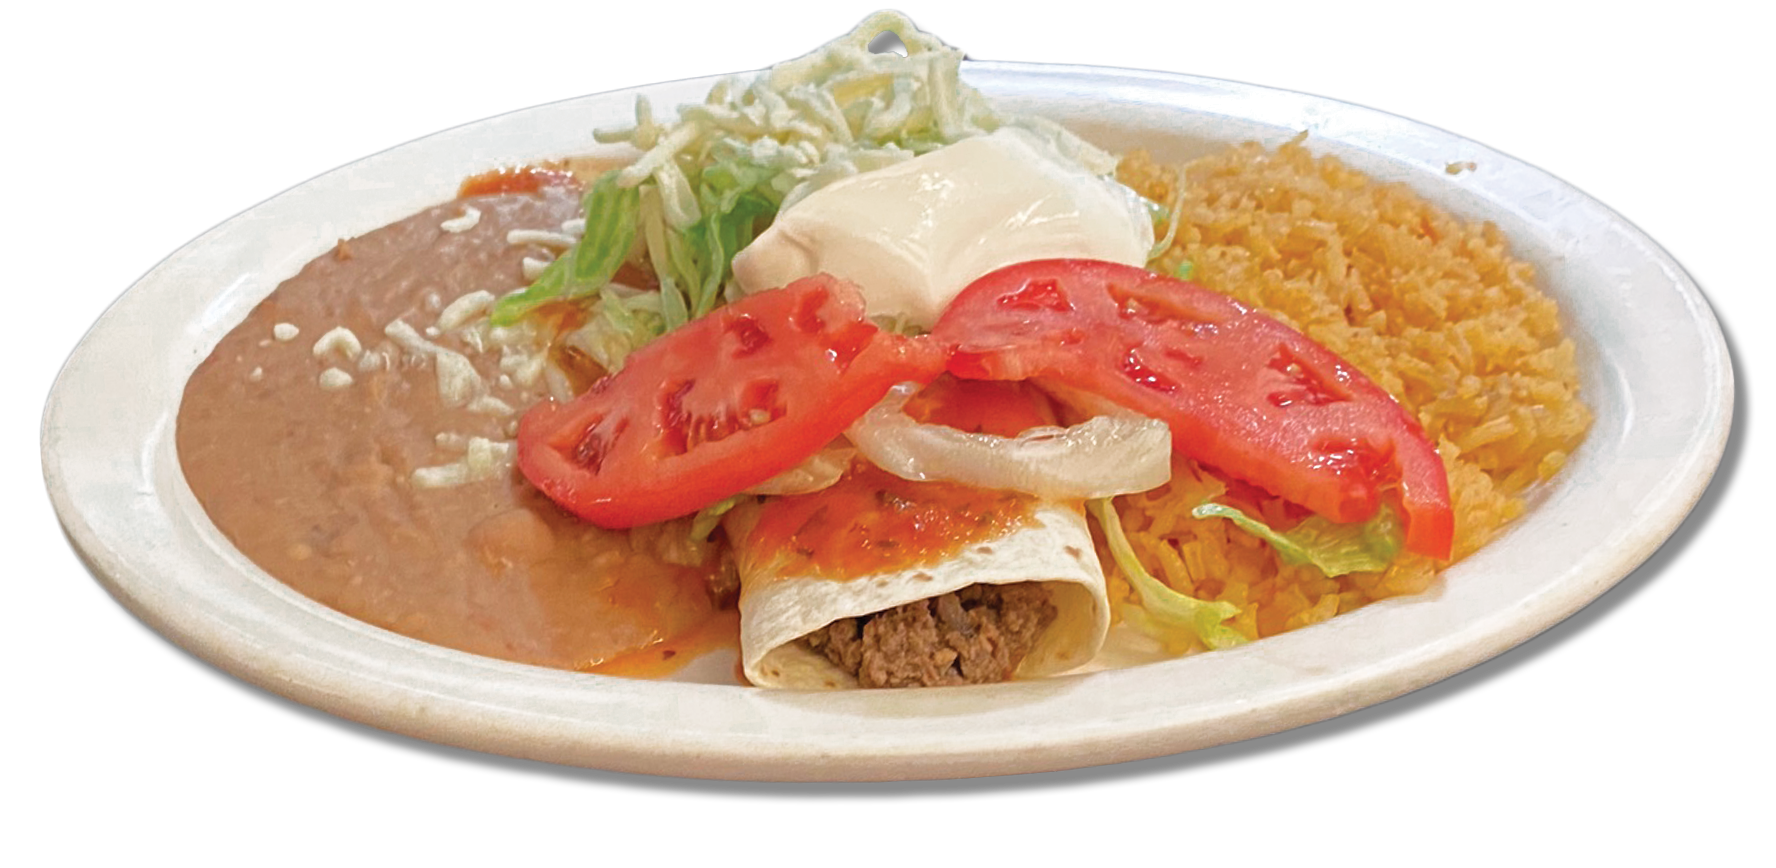 Burrito Agave